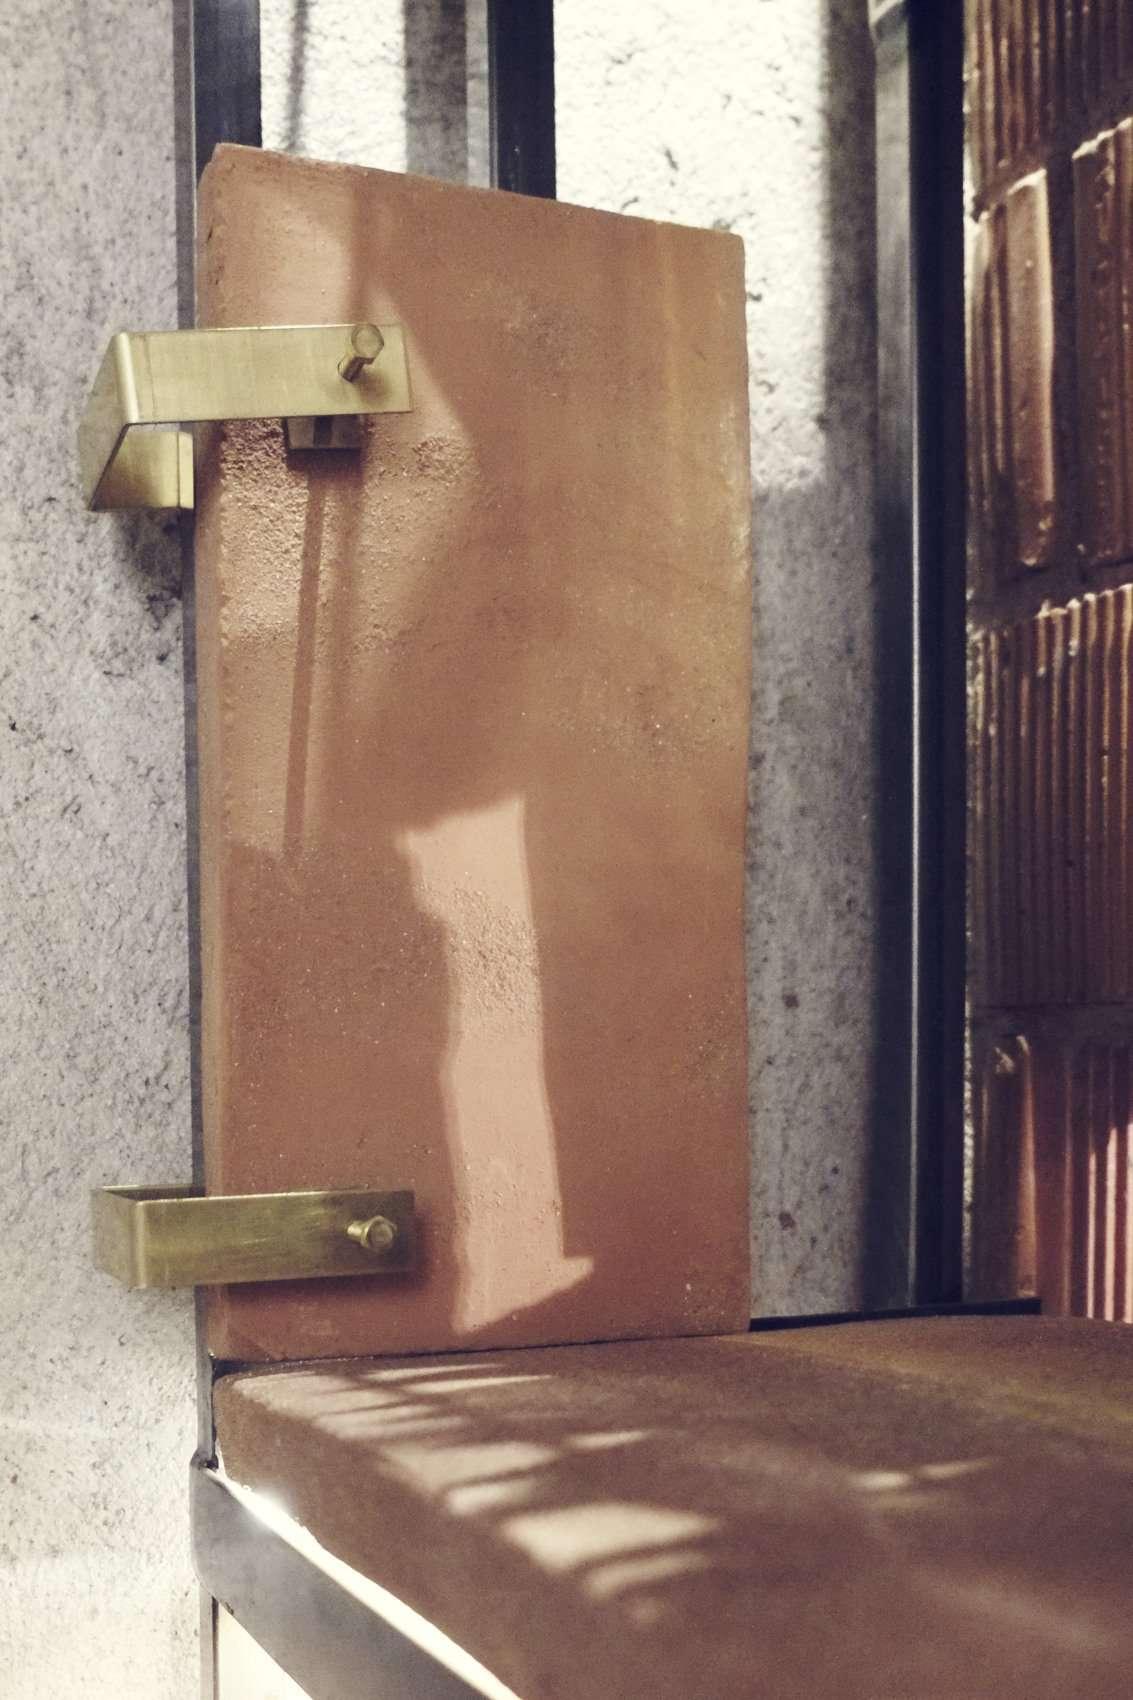 progetto enoteca milano, 2015, scaffalatura in ferro, terracotta fatta a mano, ottone